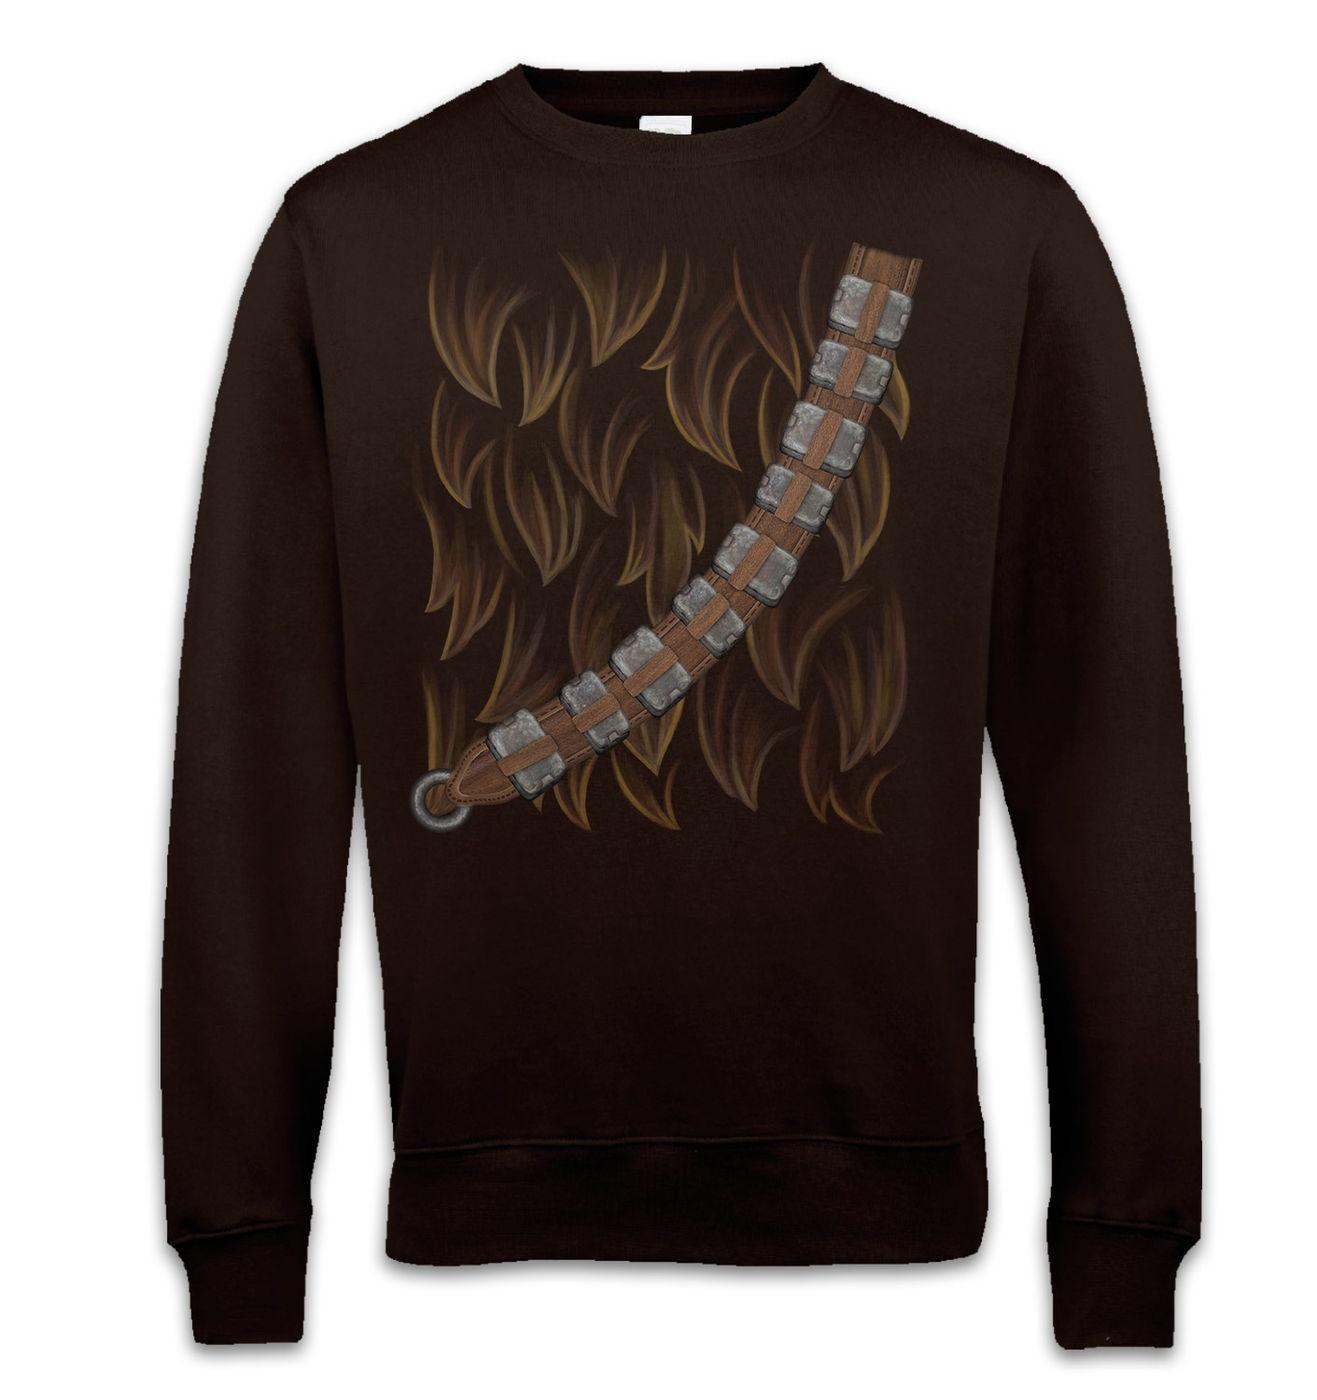 Chewie Costume sweatshirt by Something Geeky